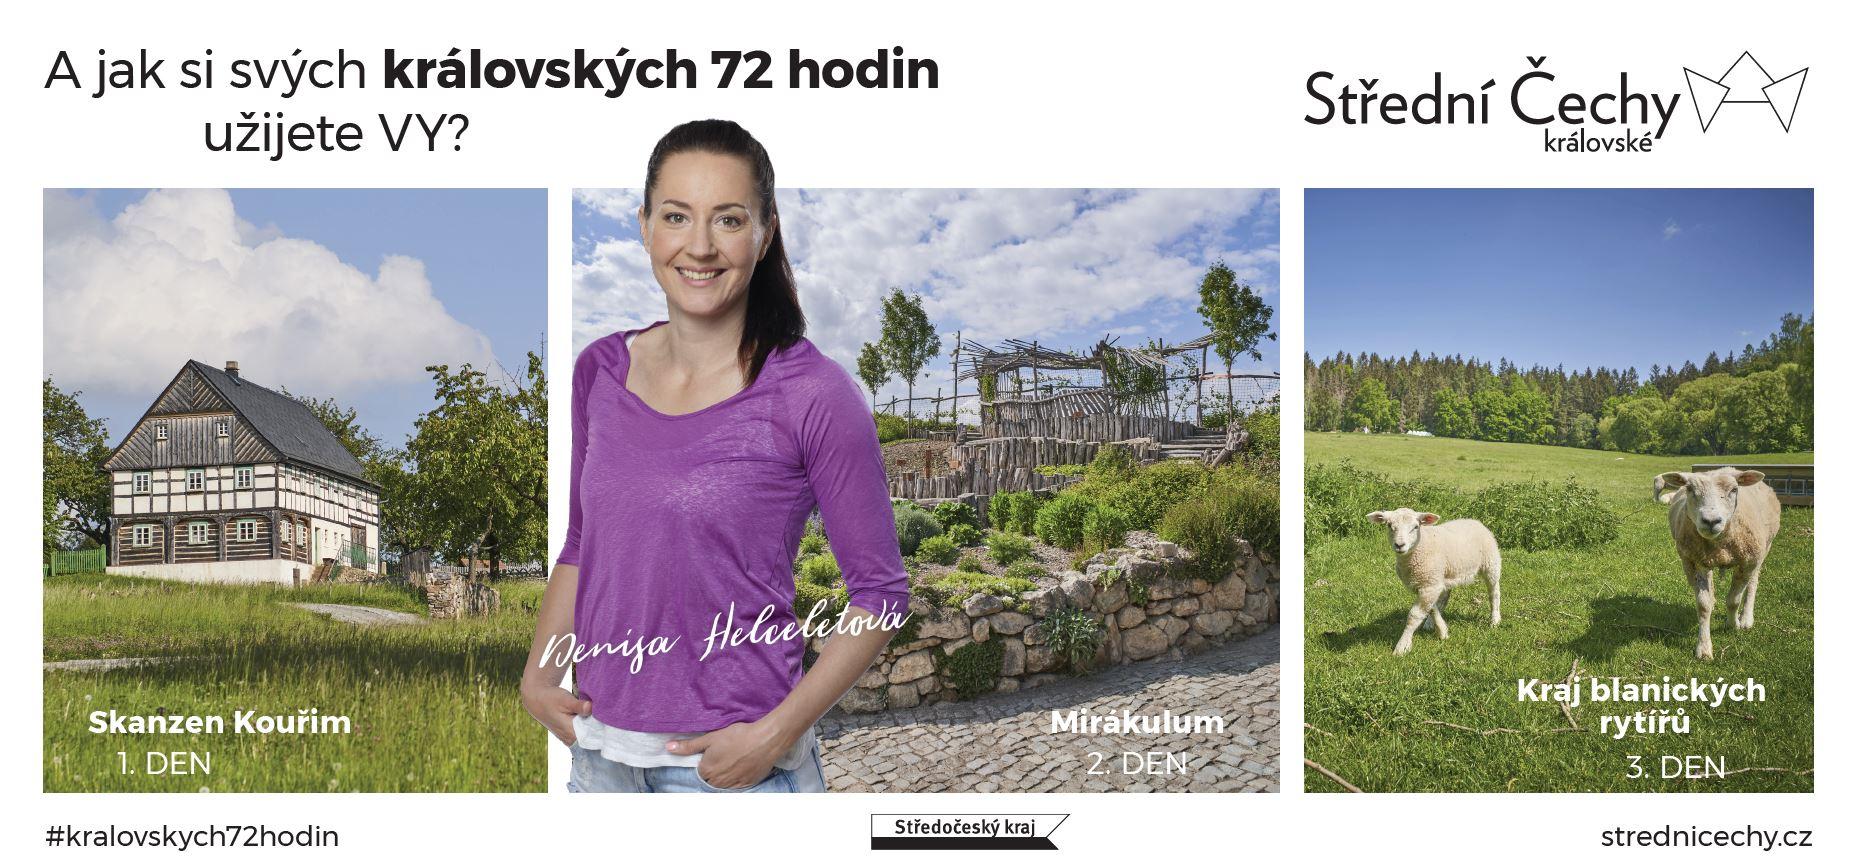 Denisa Helceletová v kampani Střední Čechy královské